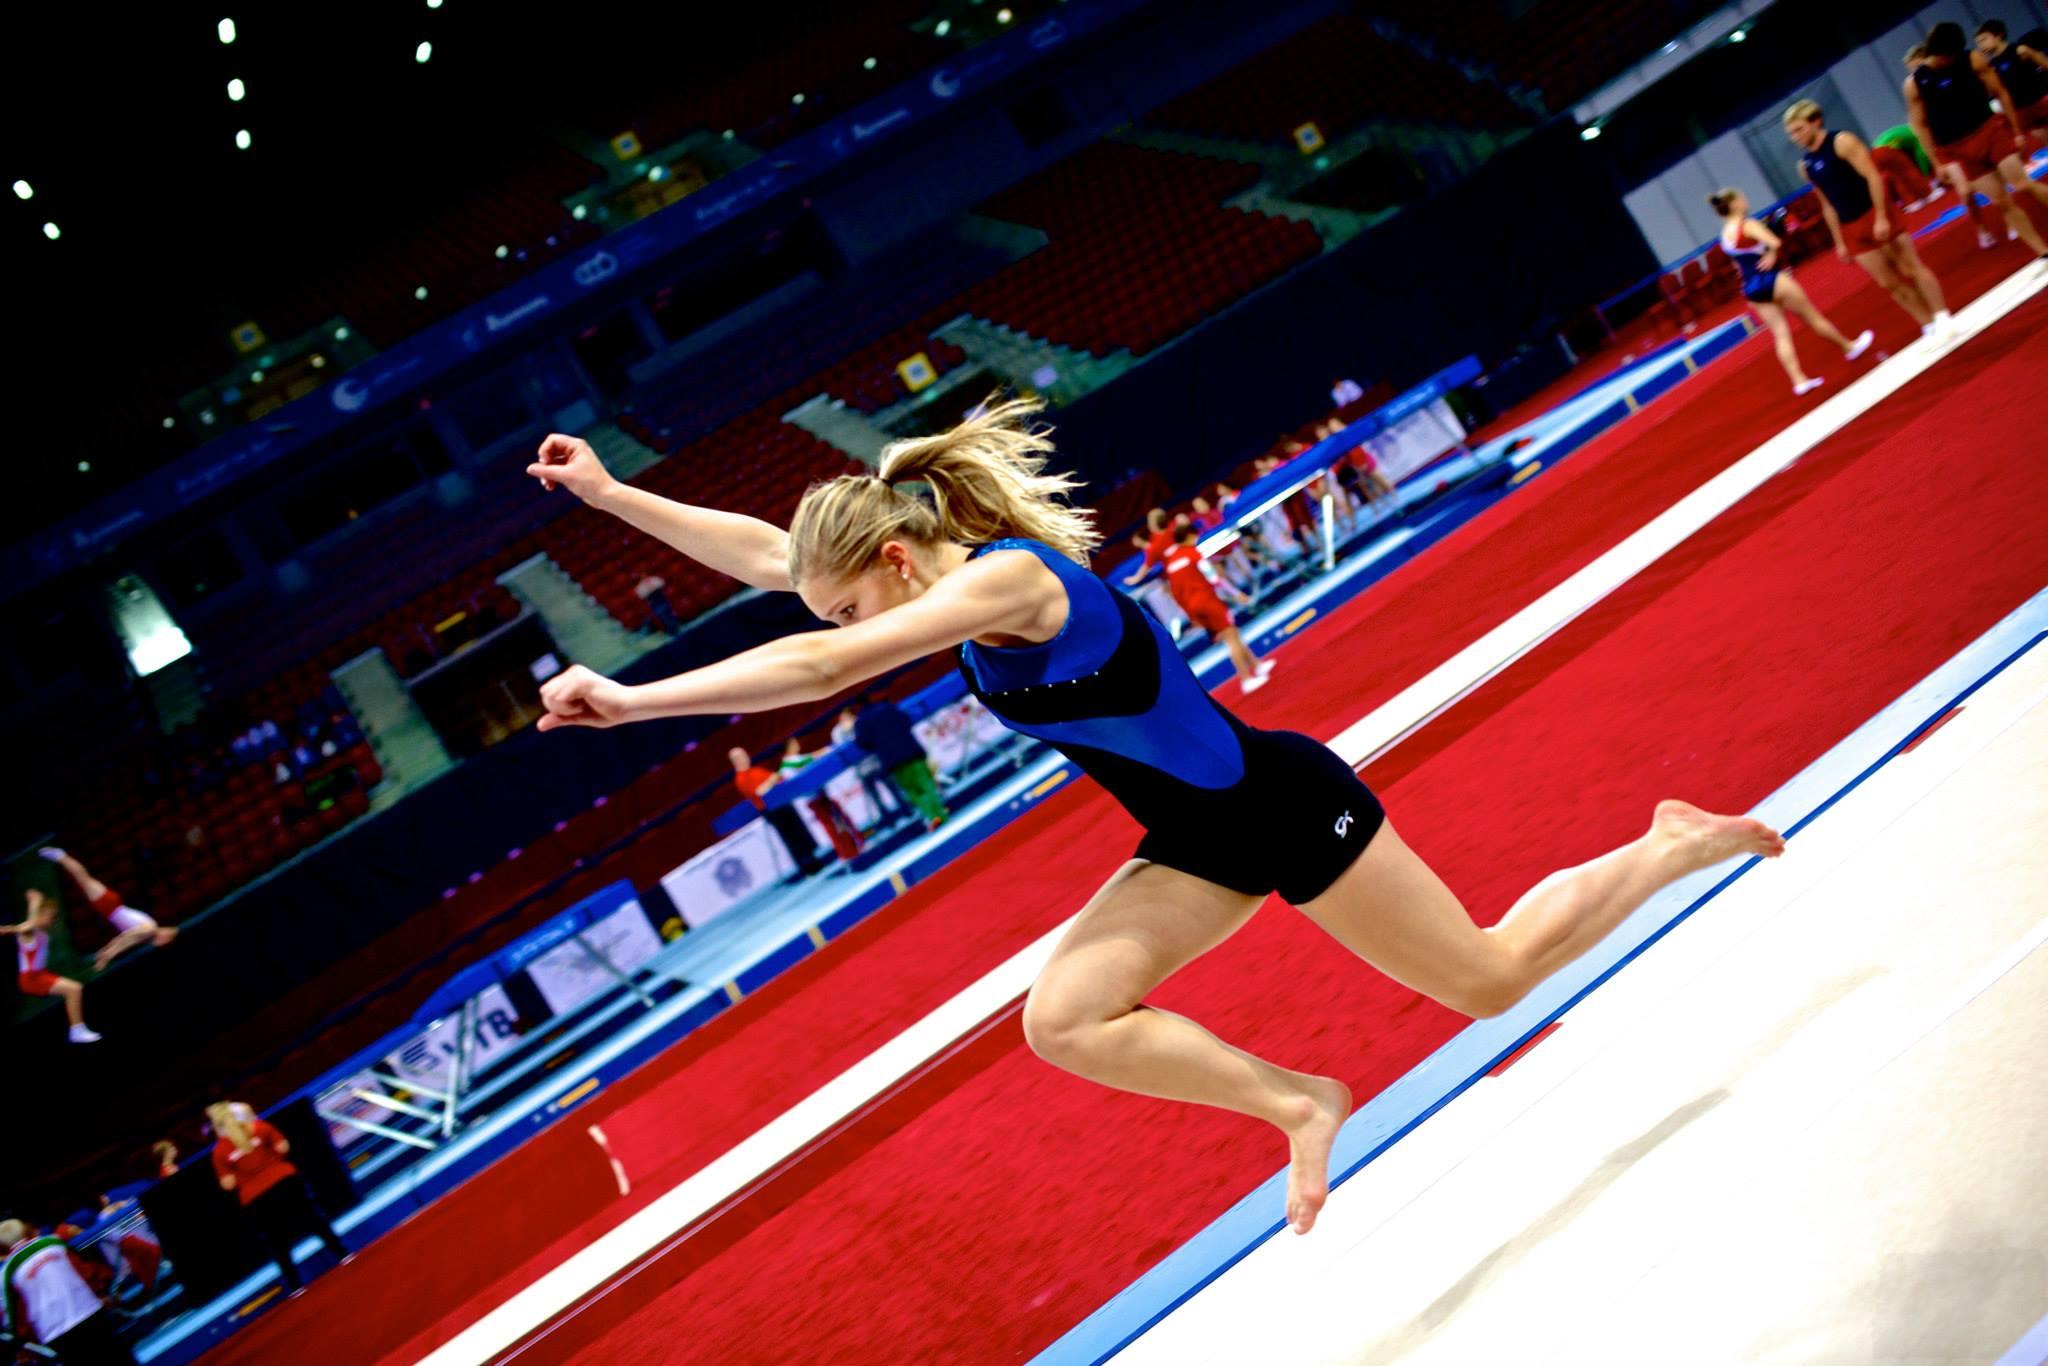 sportspræstationer, kontrol og fokus